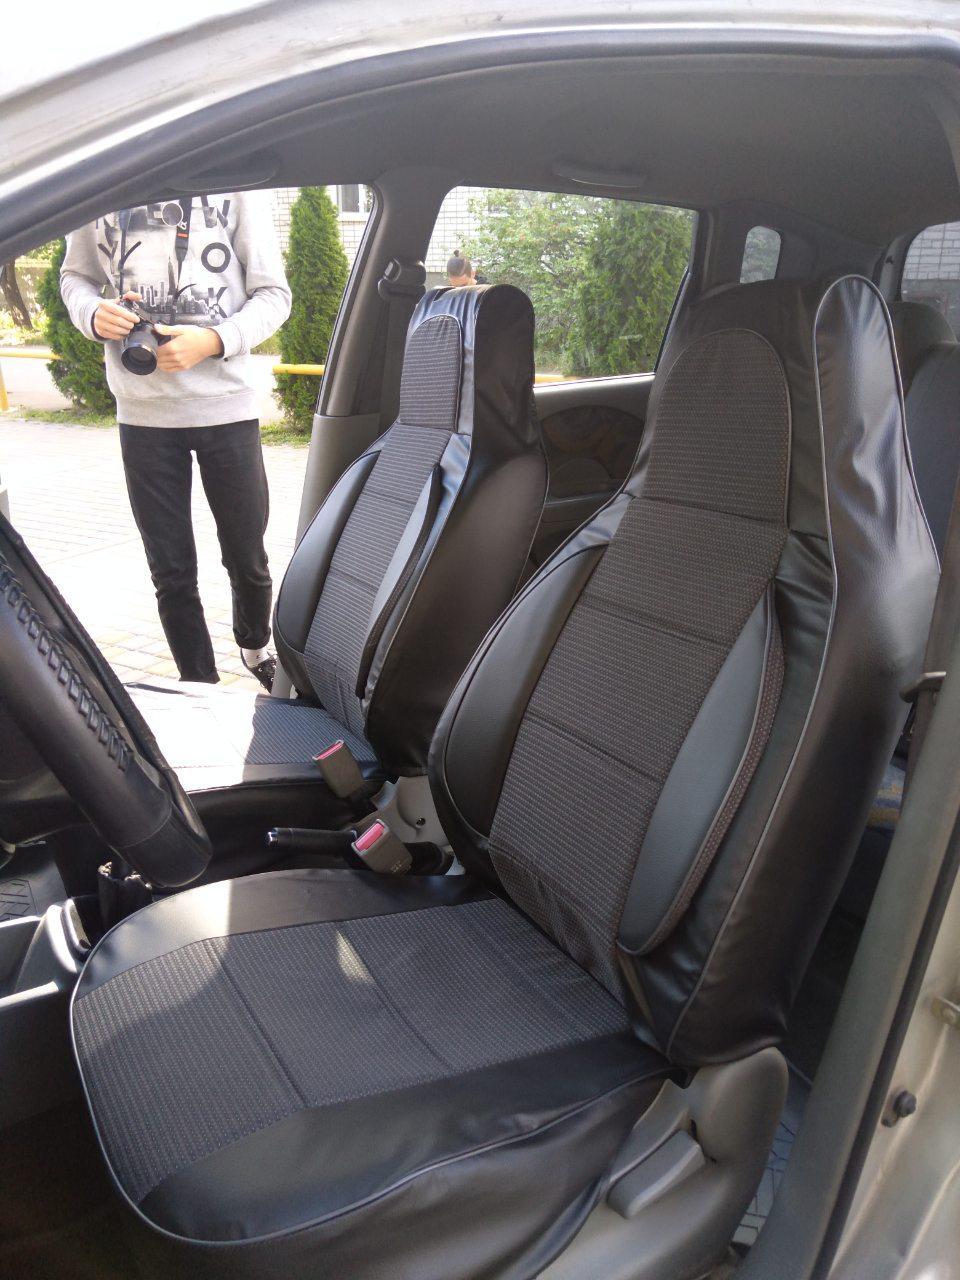 Чехлы на сиденья КИА Пиканто (KIA Picanto) (универсальные, кожзам+автоткань, пилот)